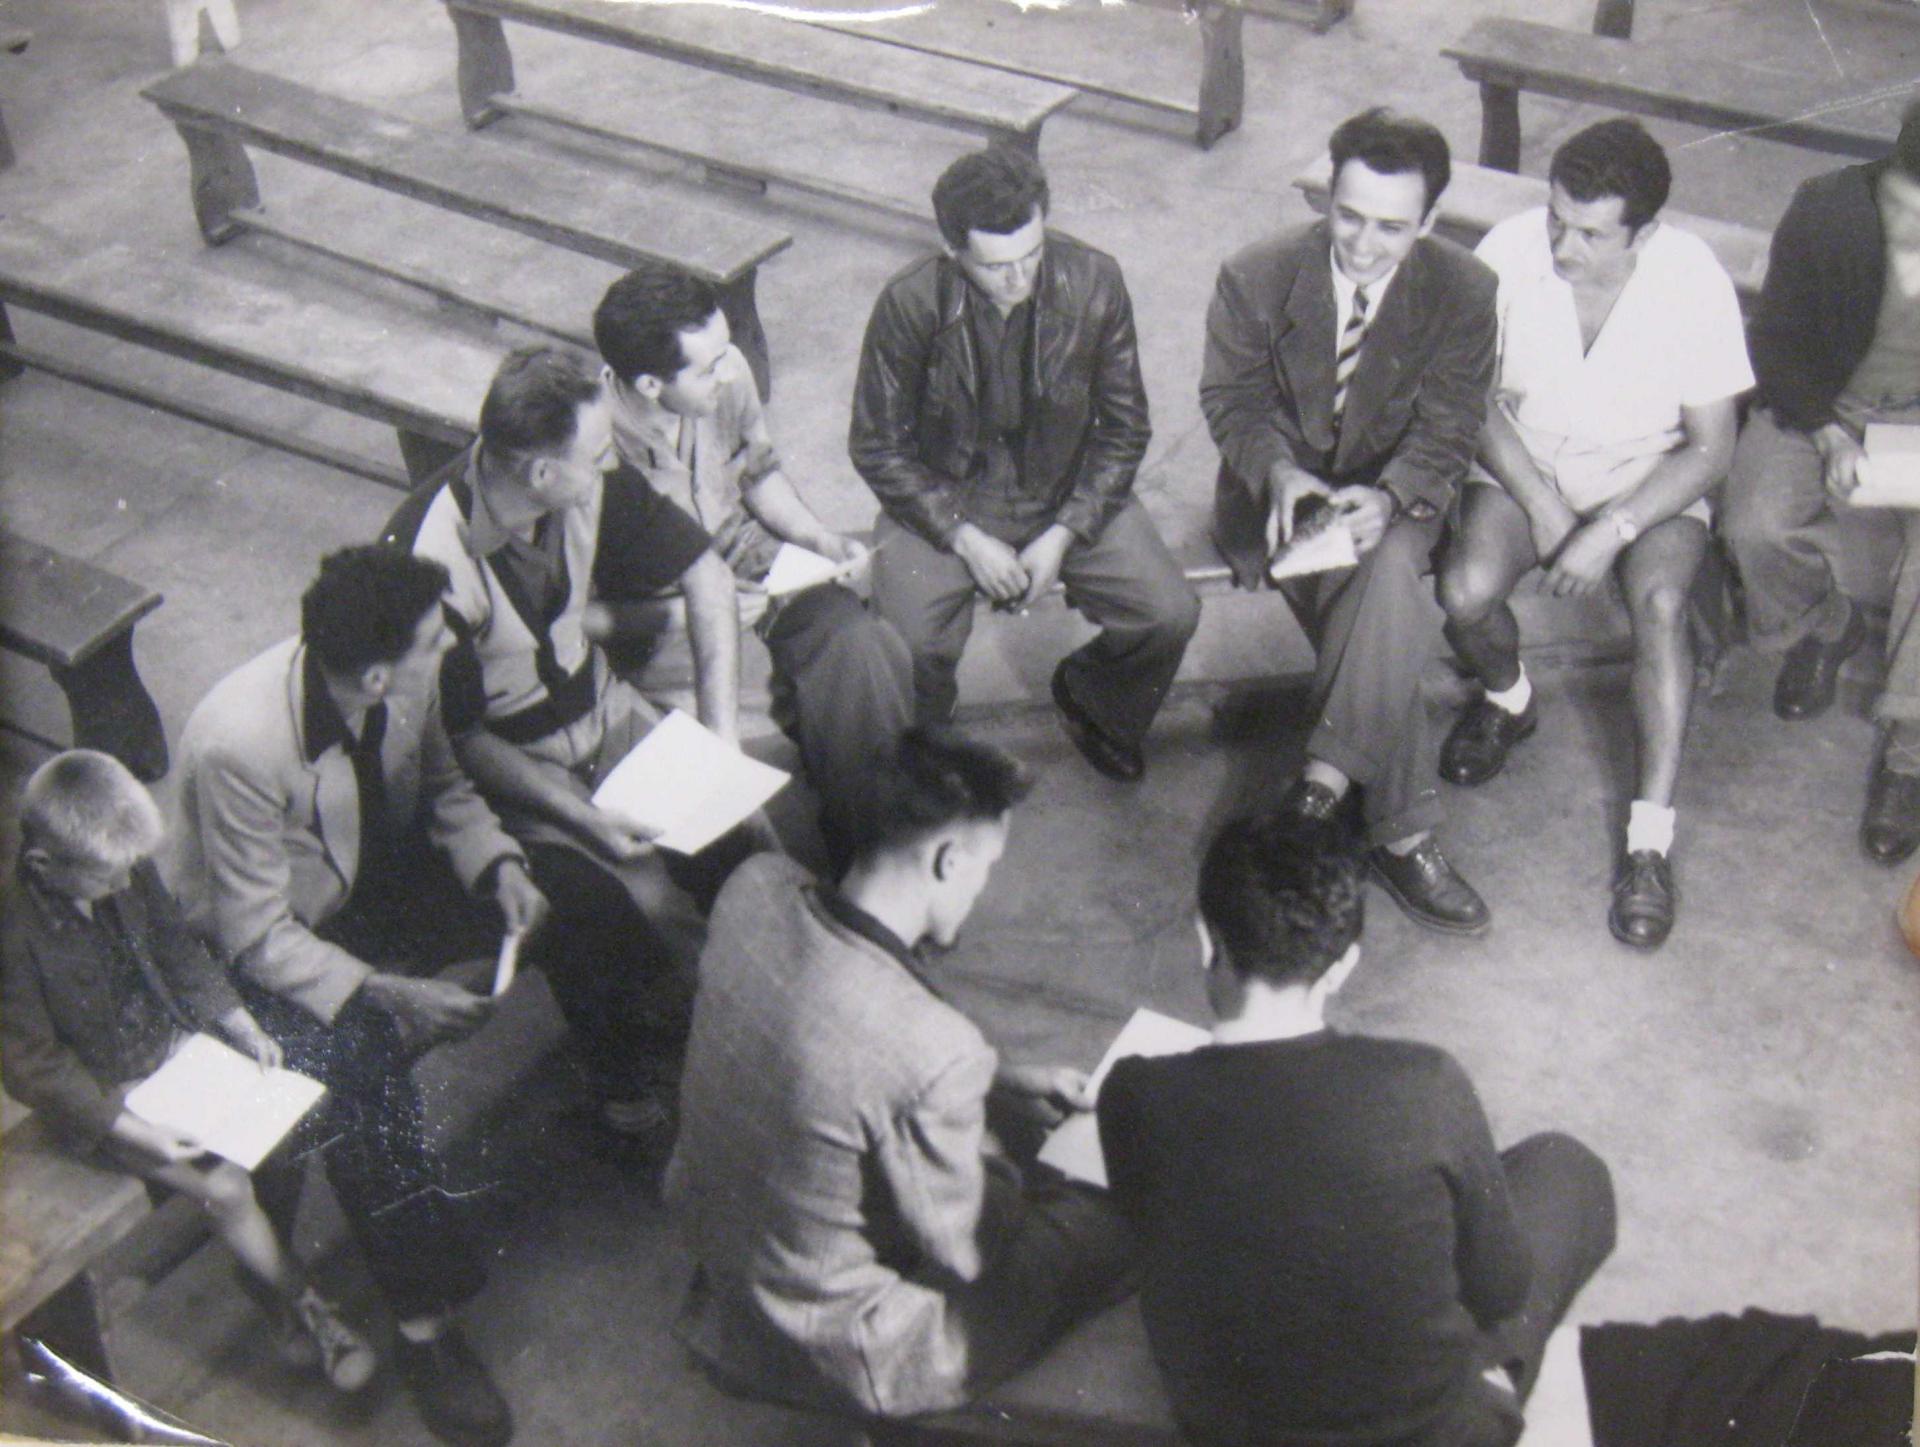 Bancs Boimondau, cours d'histoire